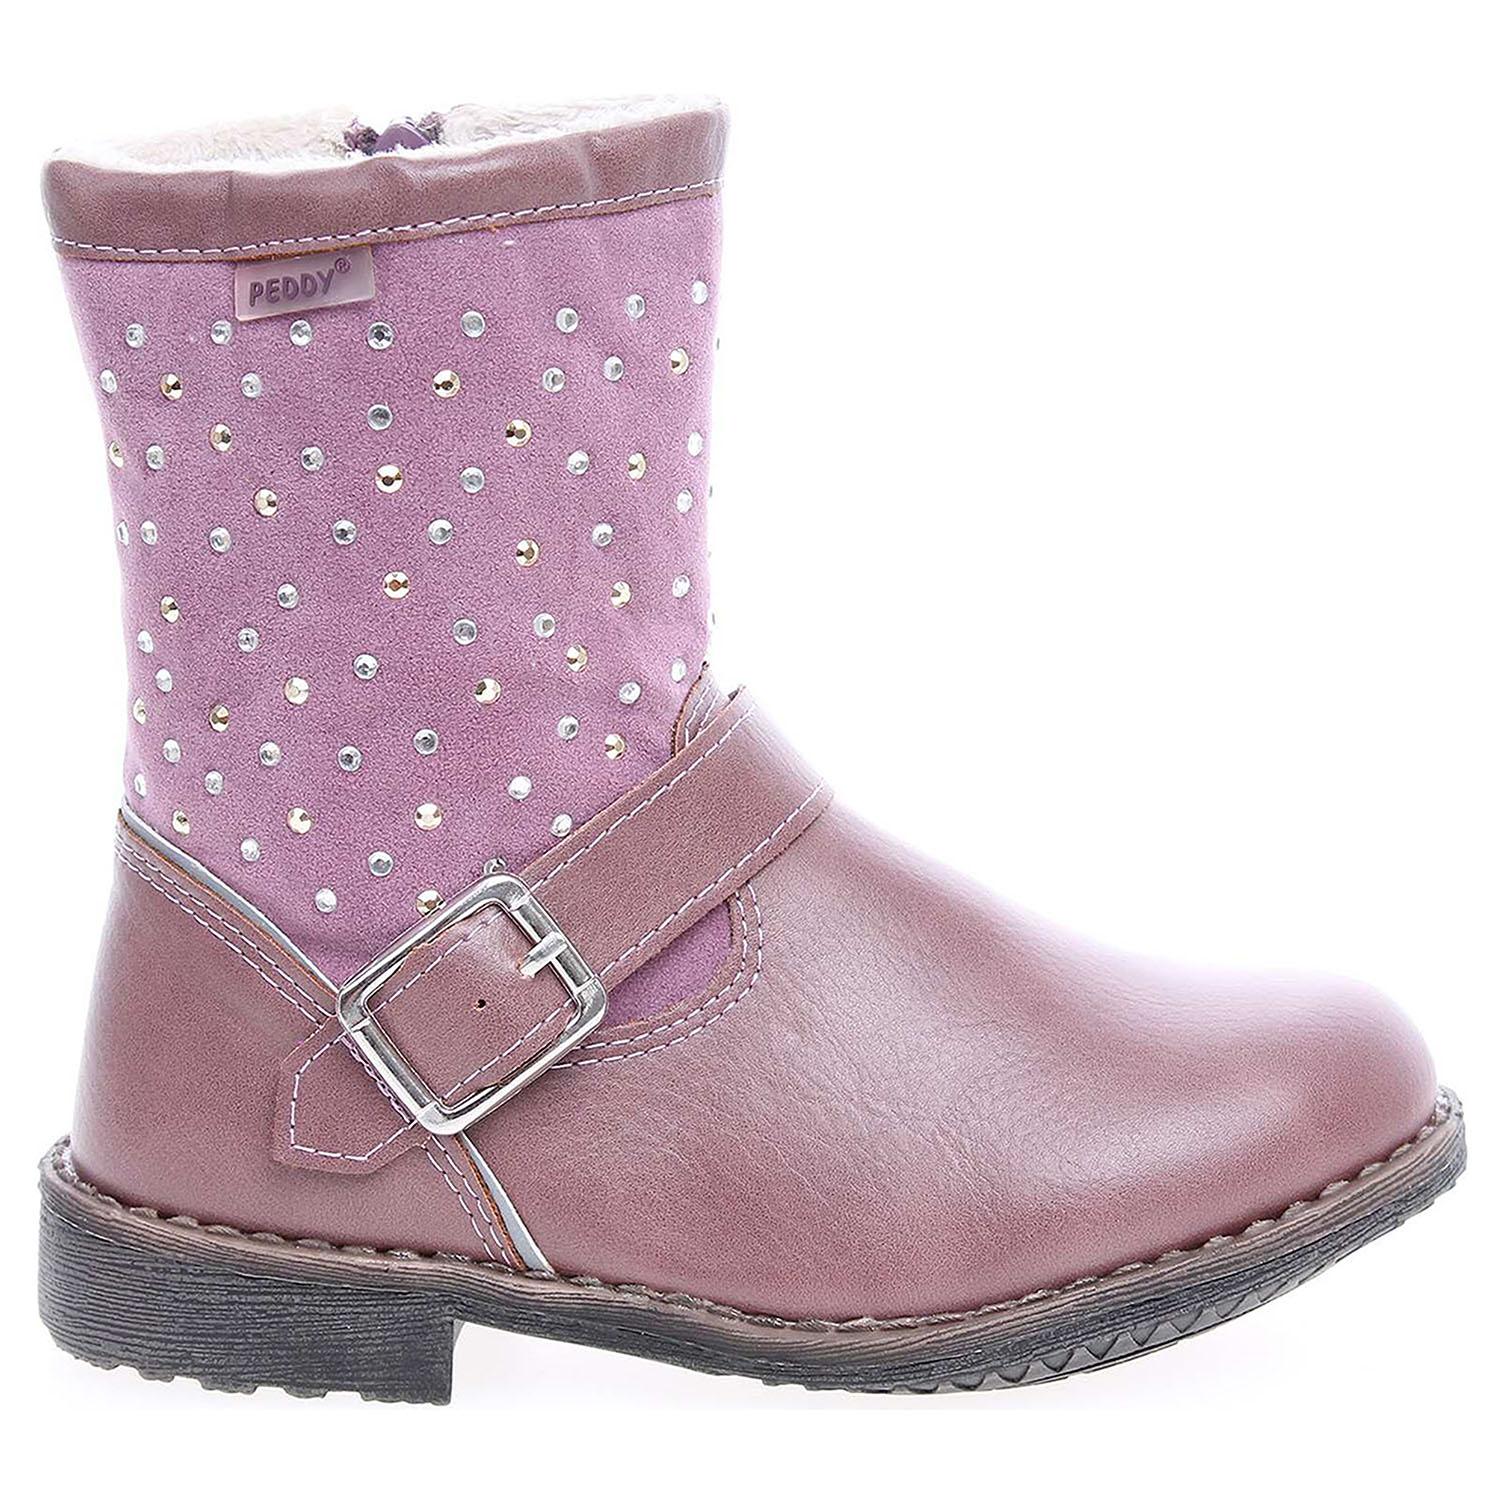 Ecco Peddy dívčí kozačky PV-633-35-02 růžové 27400028